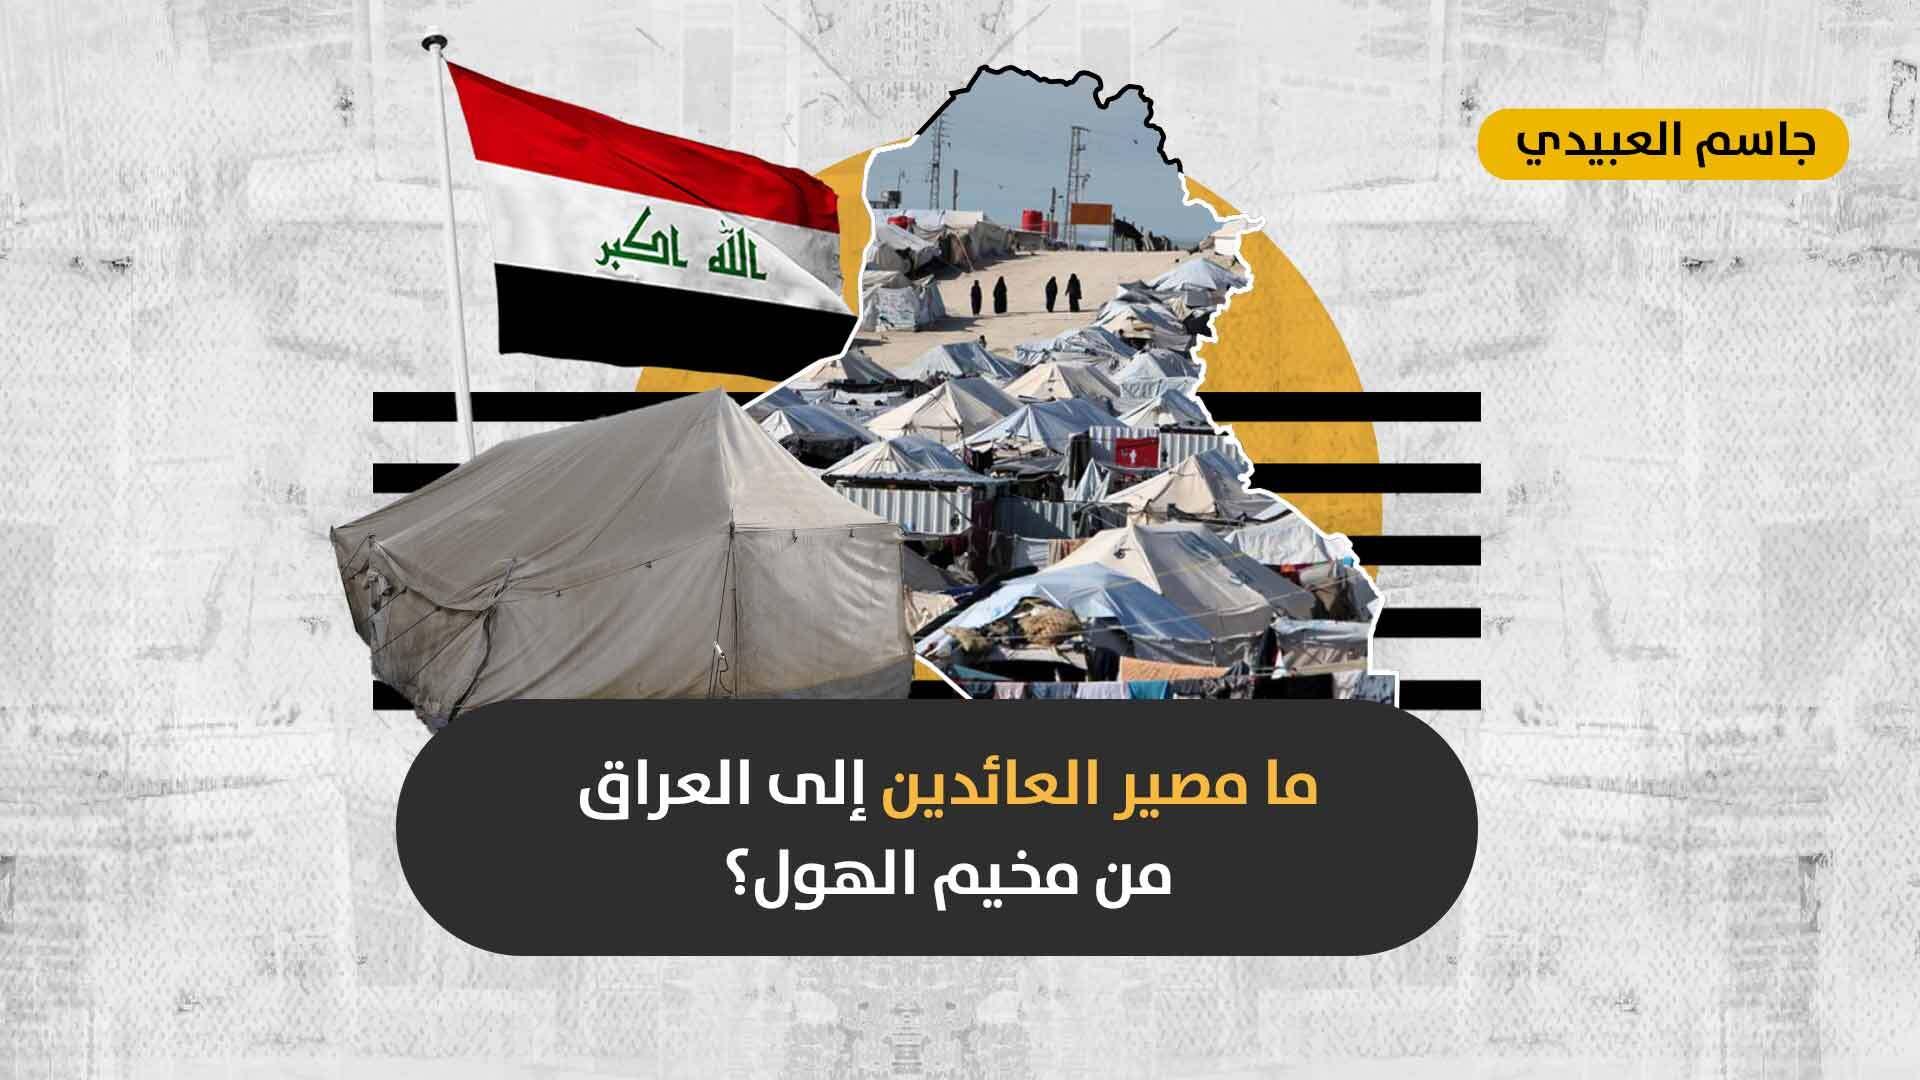 """العودة من """"الهول"""": هل ستستقر عوائل داعش في محافظة نينوى العراقية؟"""